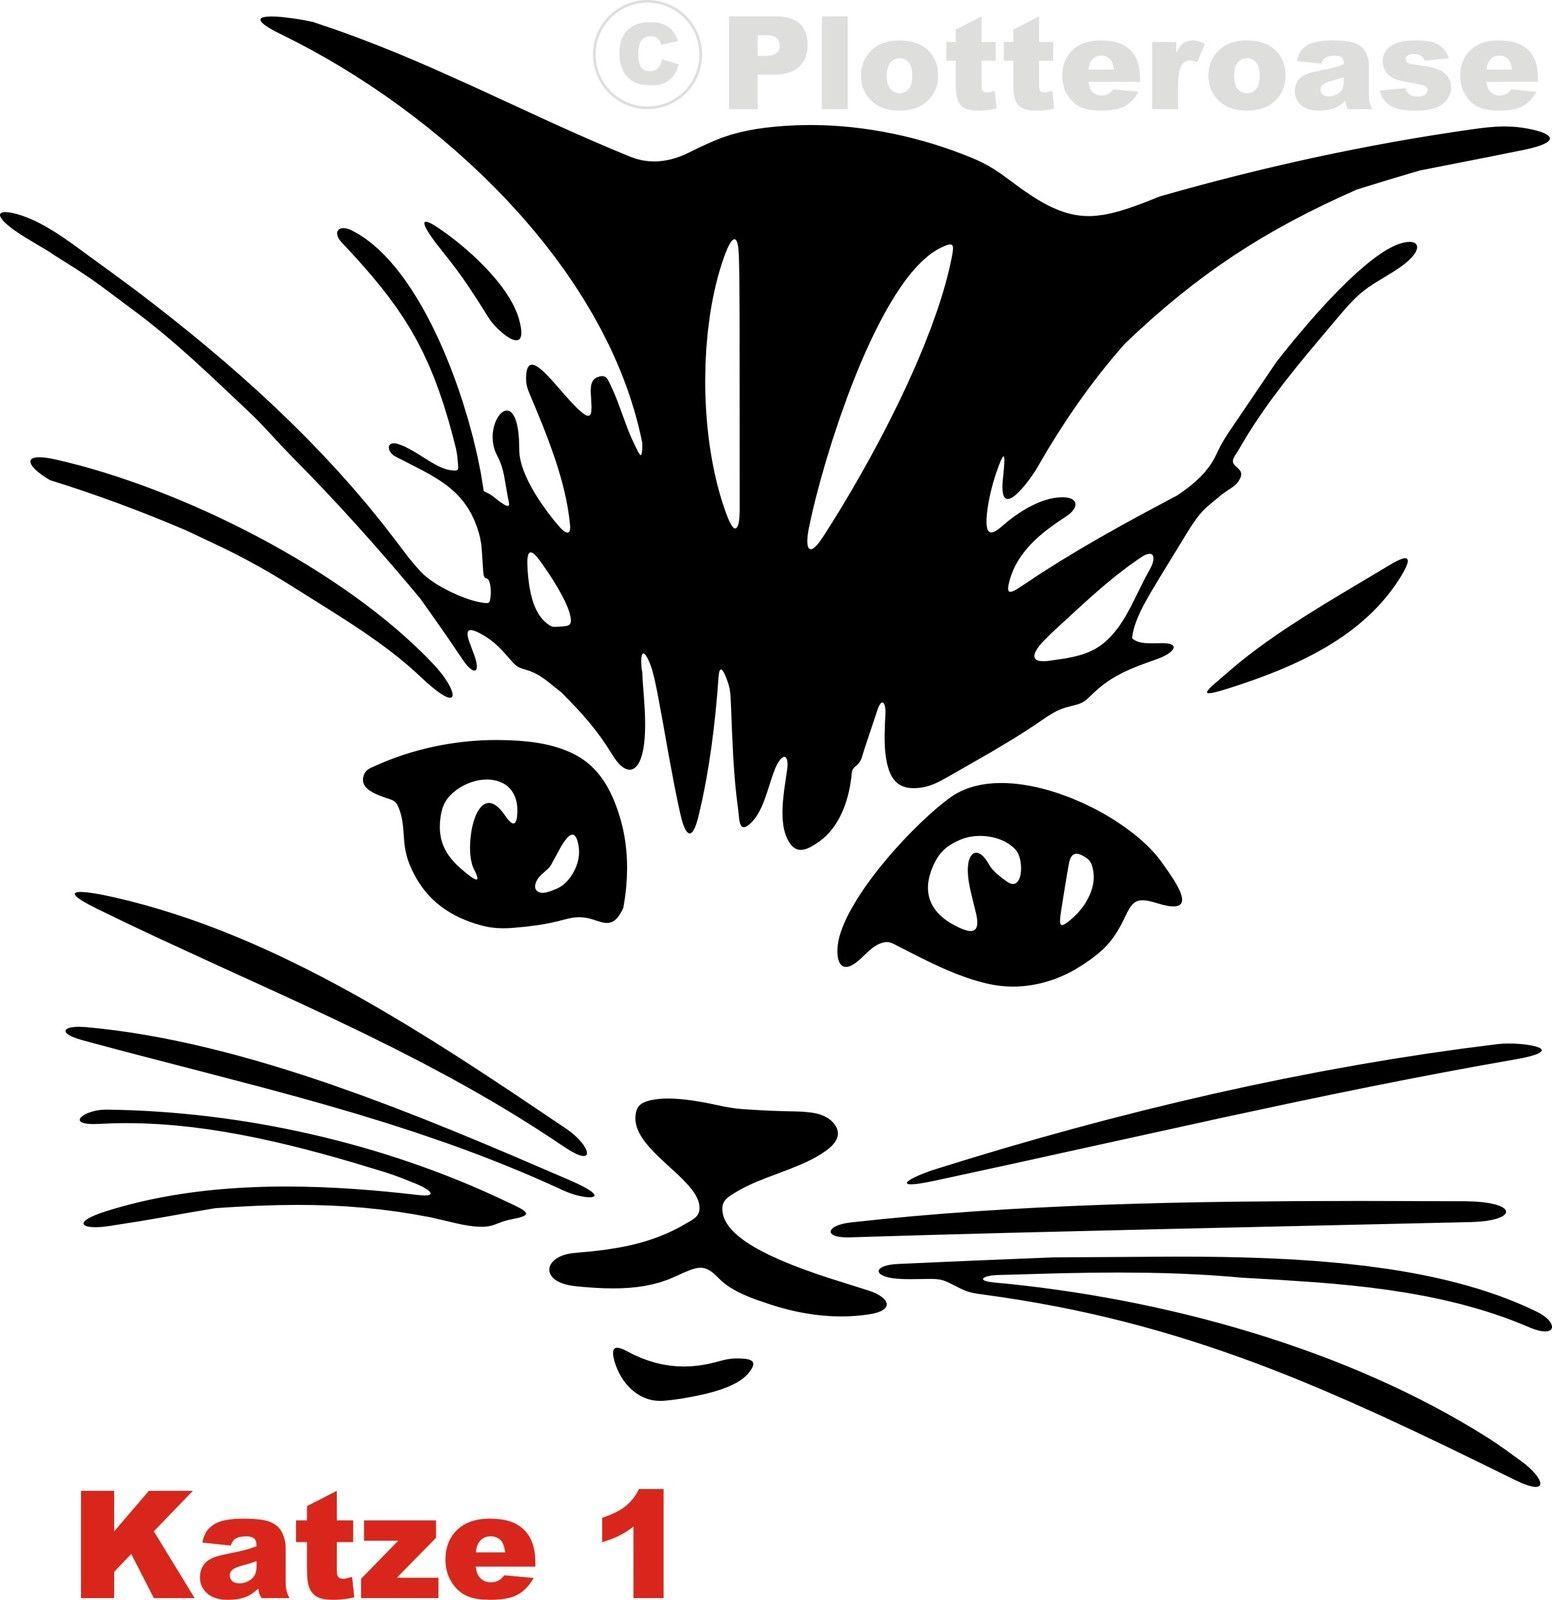 Innenarchitektur Wandtattoo Katzen Dekoration Von Aufkleber Katze 1 Auto Pkw Autoaufkleber Stickers